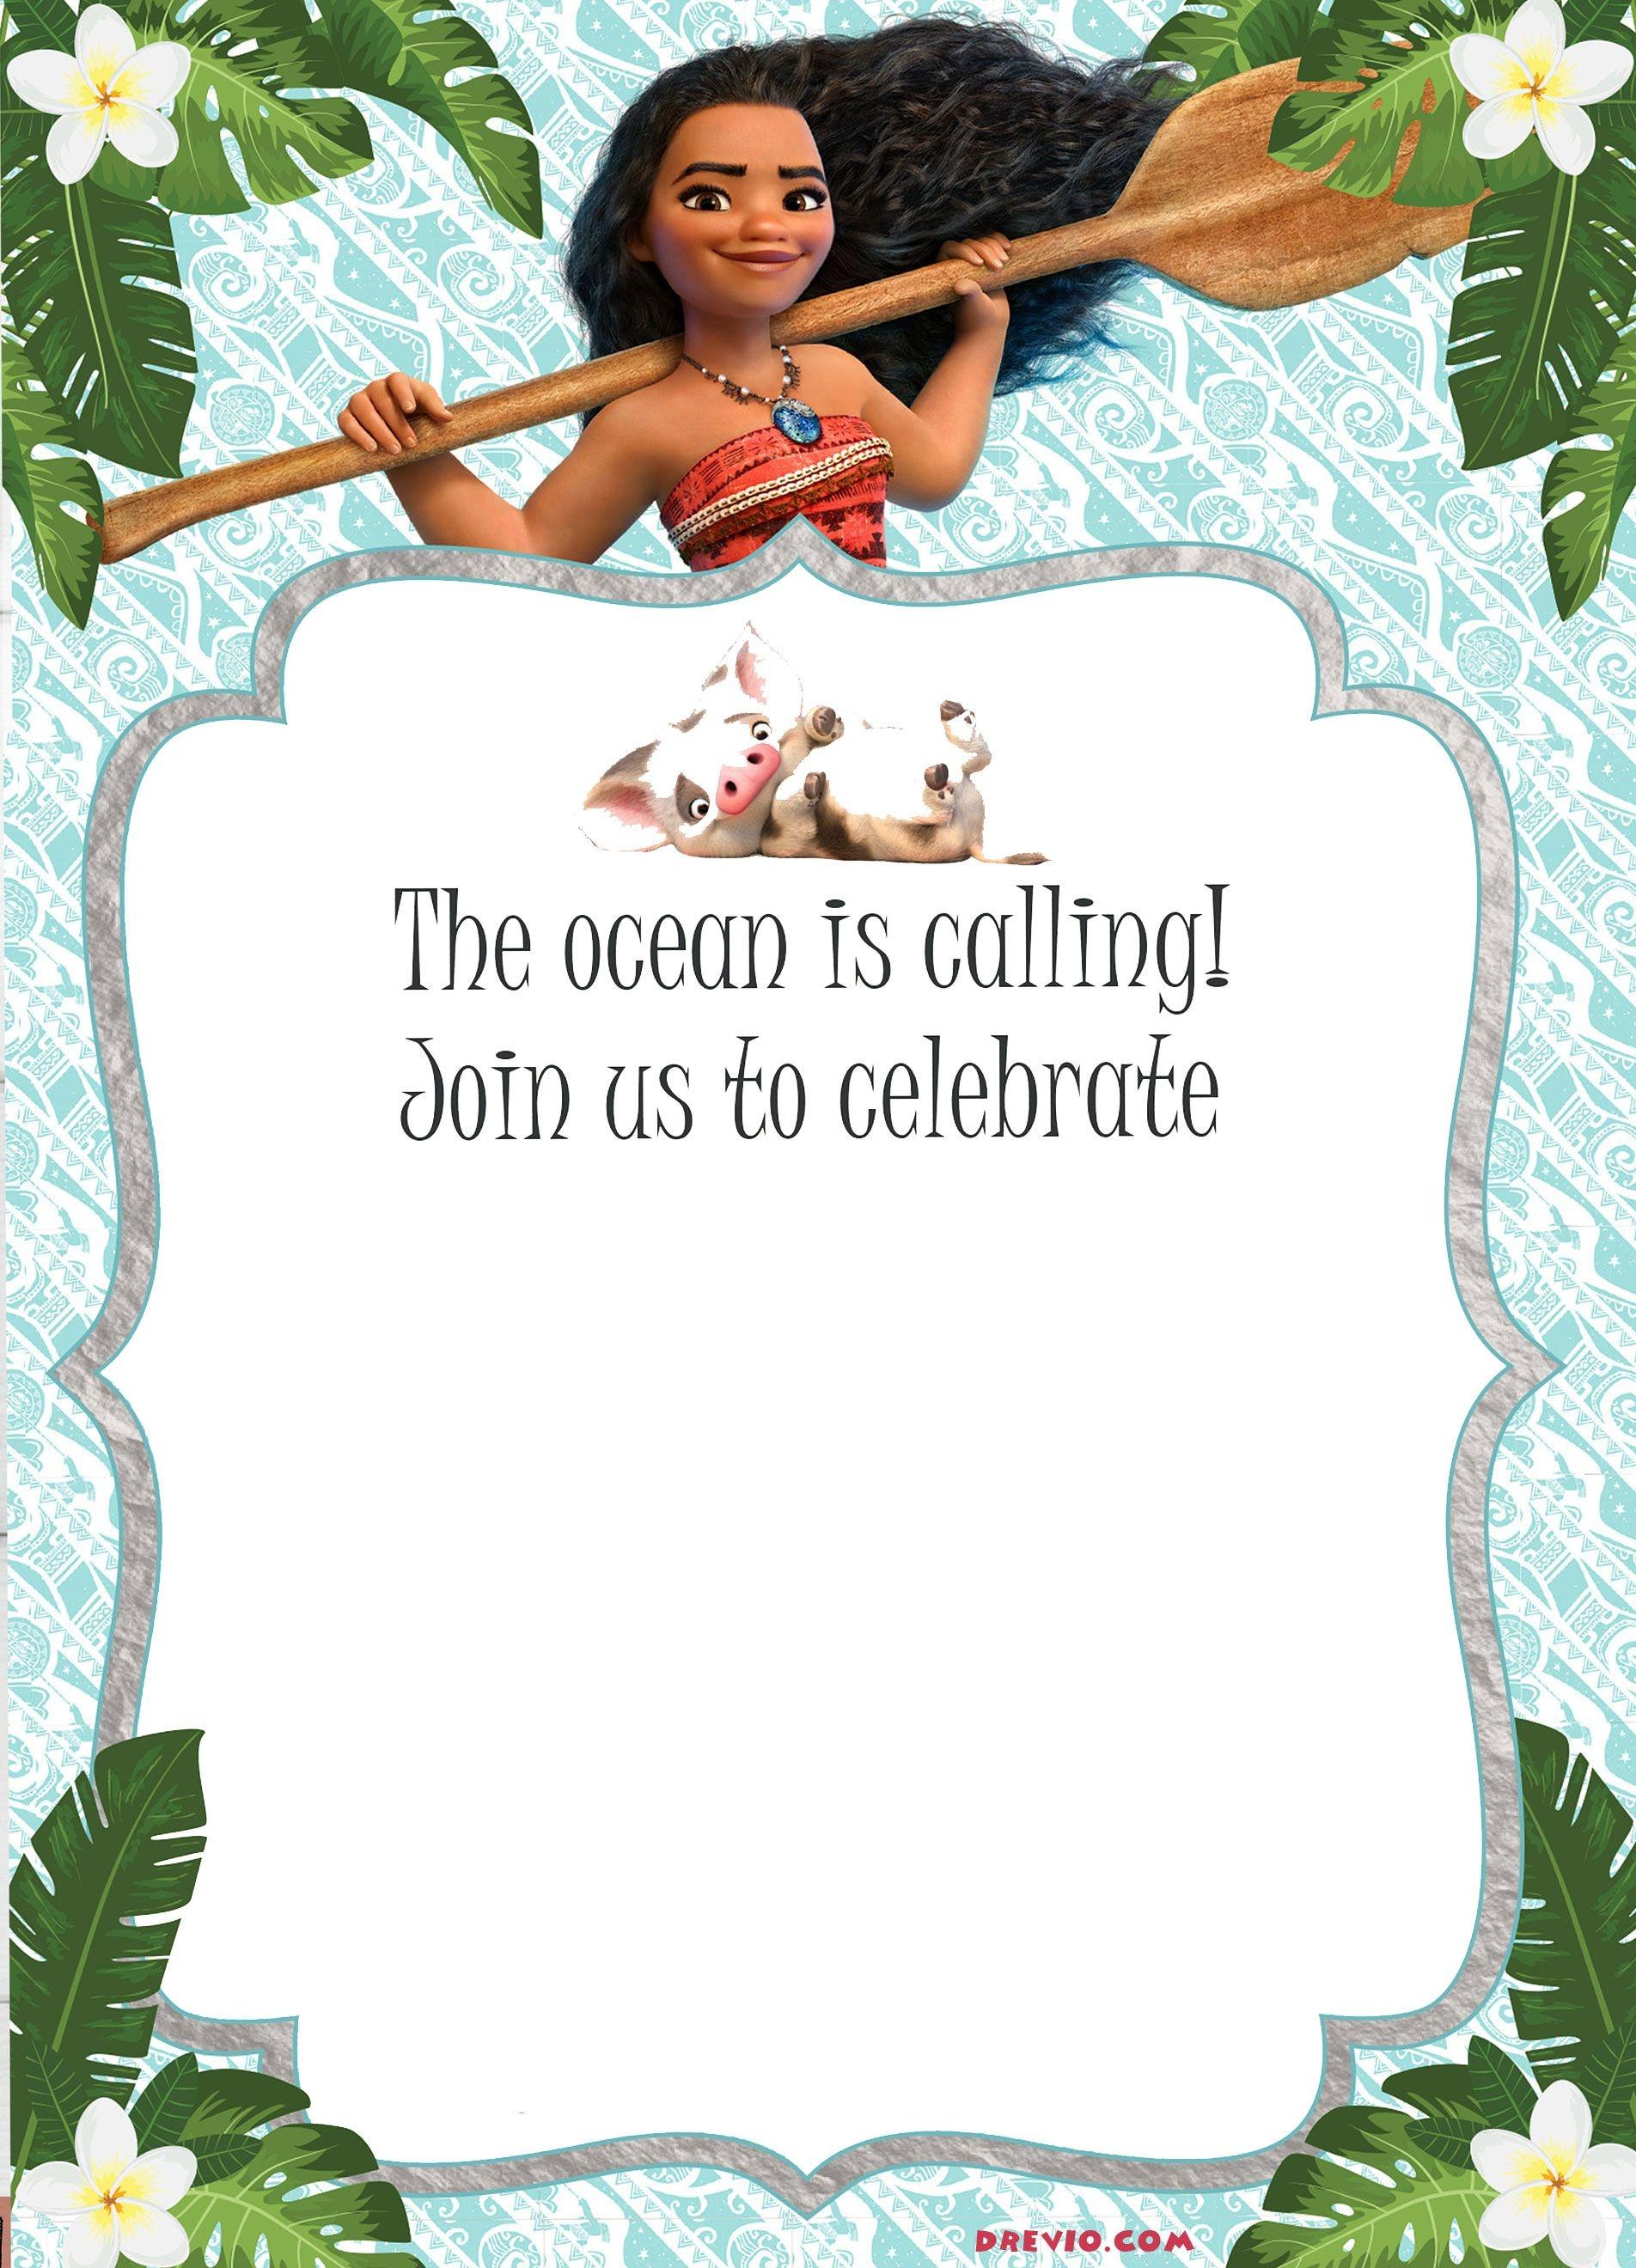 Free Moana Birthday Invitation Template | Moana / Luau Themed - Free Printable Moana Birthday Invitations